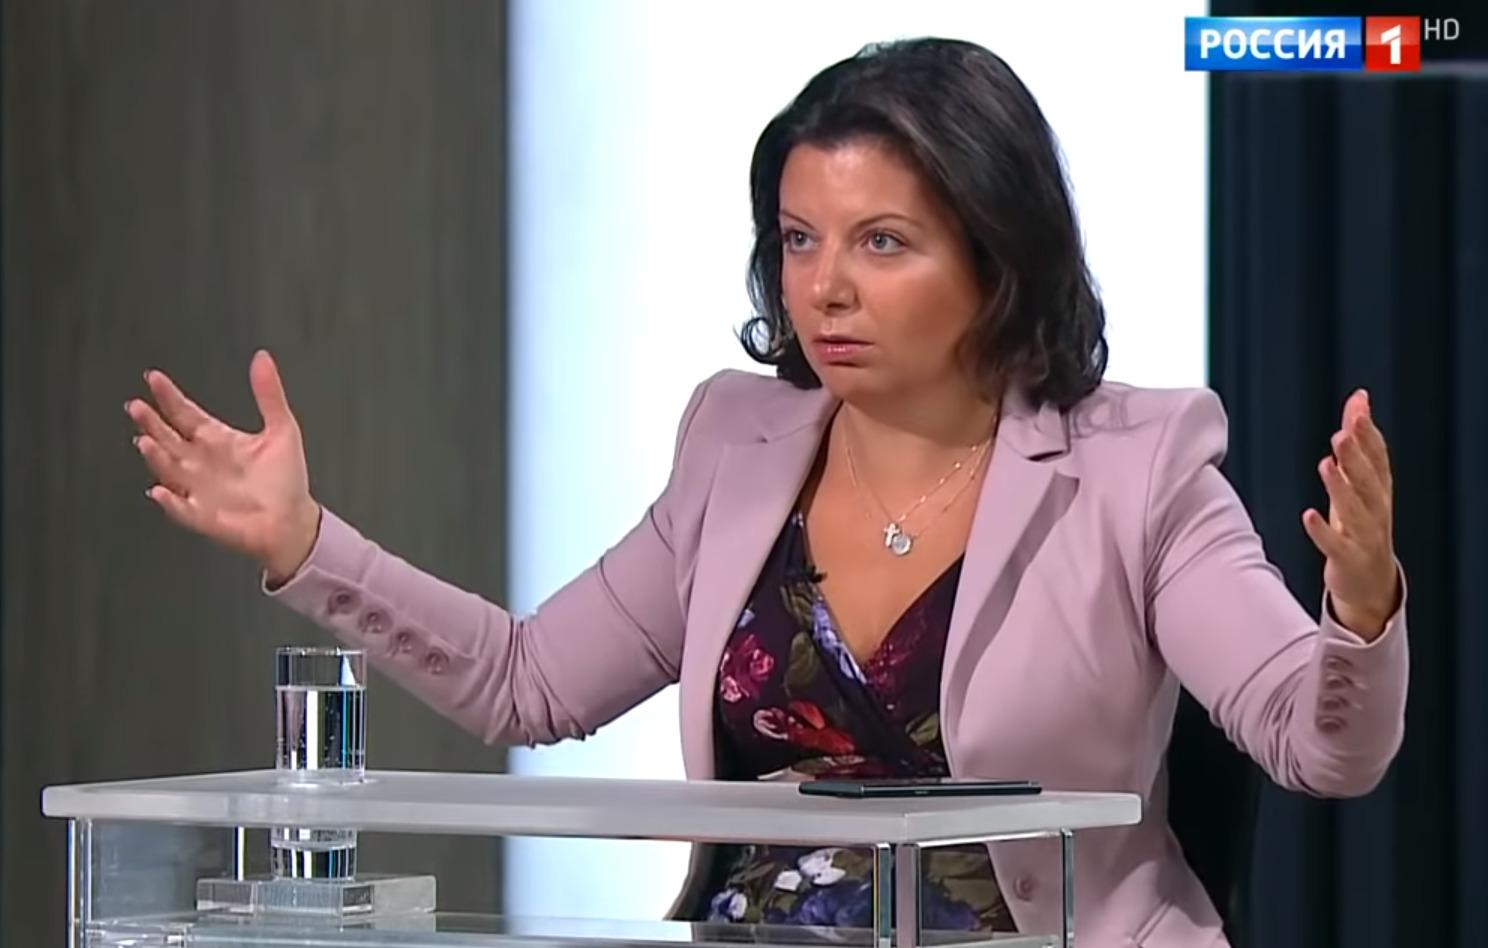 Margarita Simonyan Южная Осетия Южная Осетия